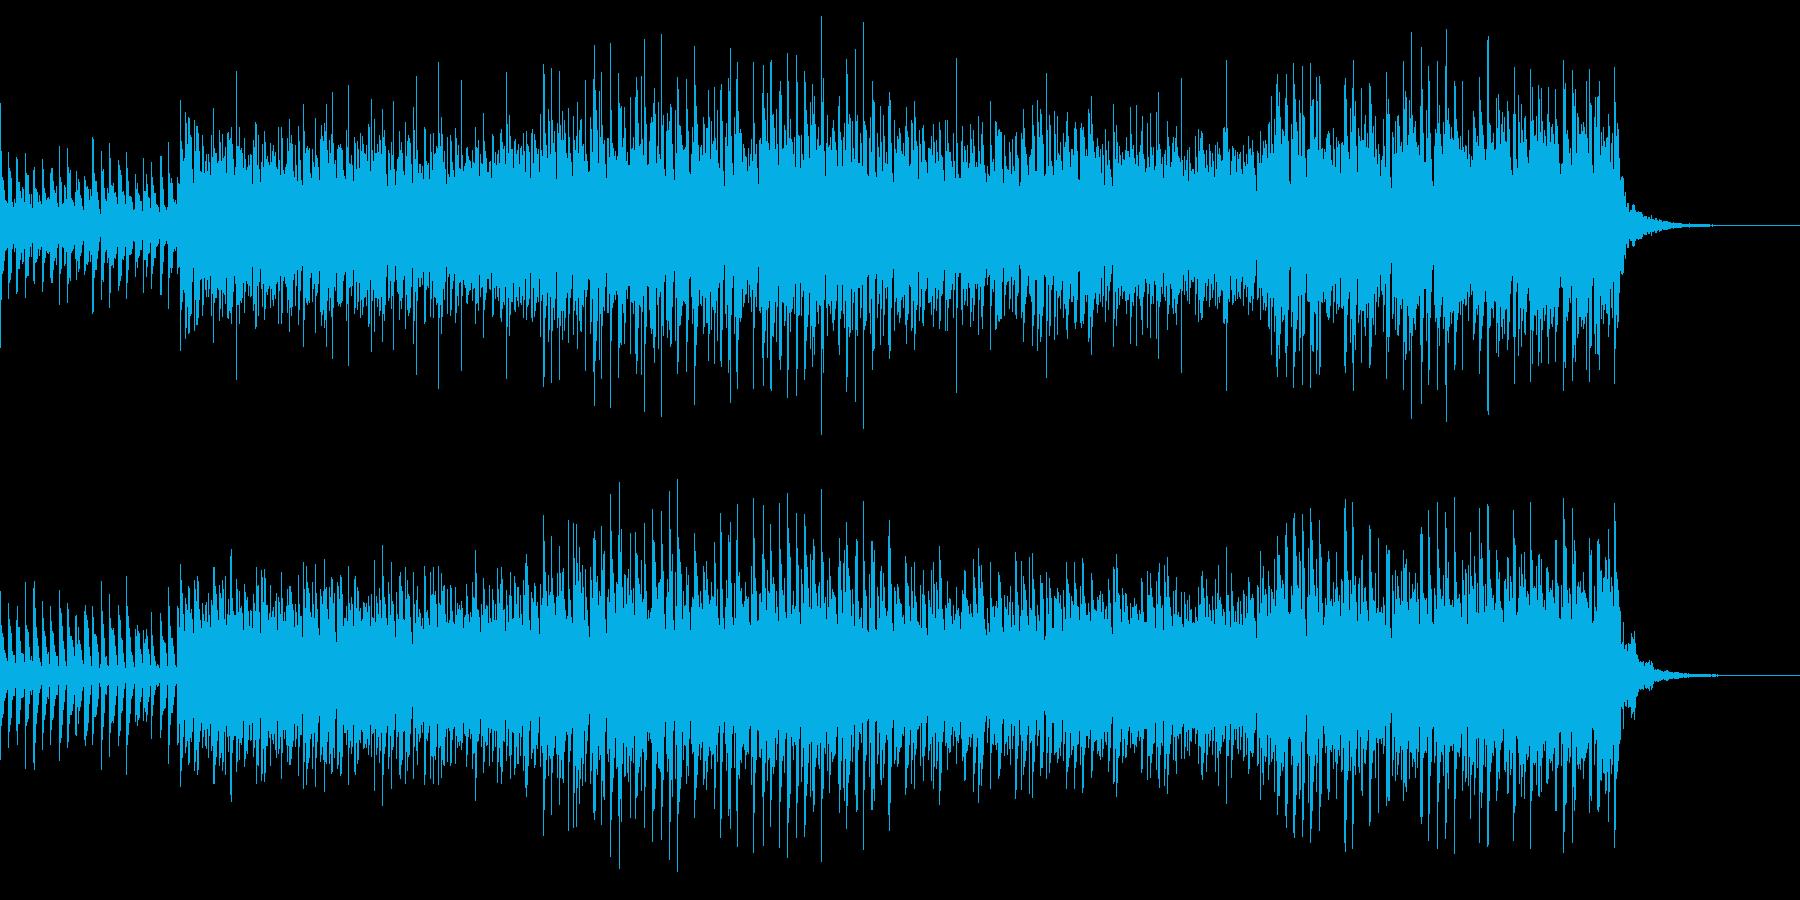 少し困惑したイメージの再生済みの波形